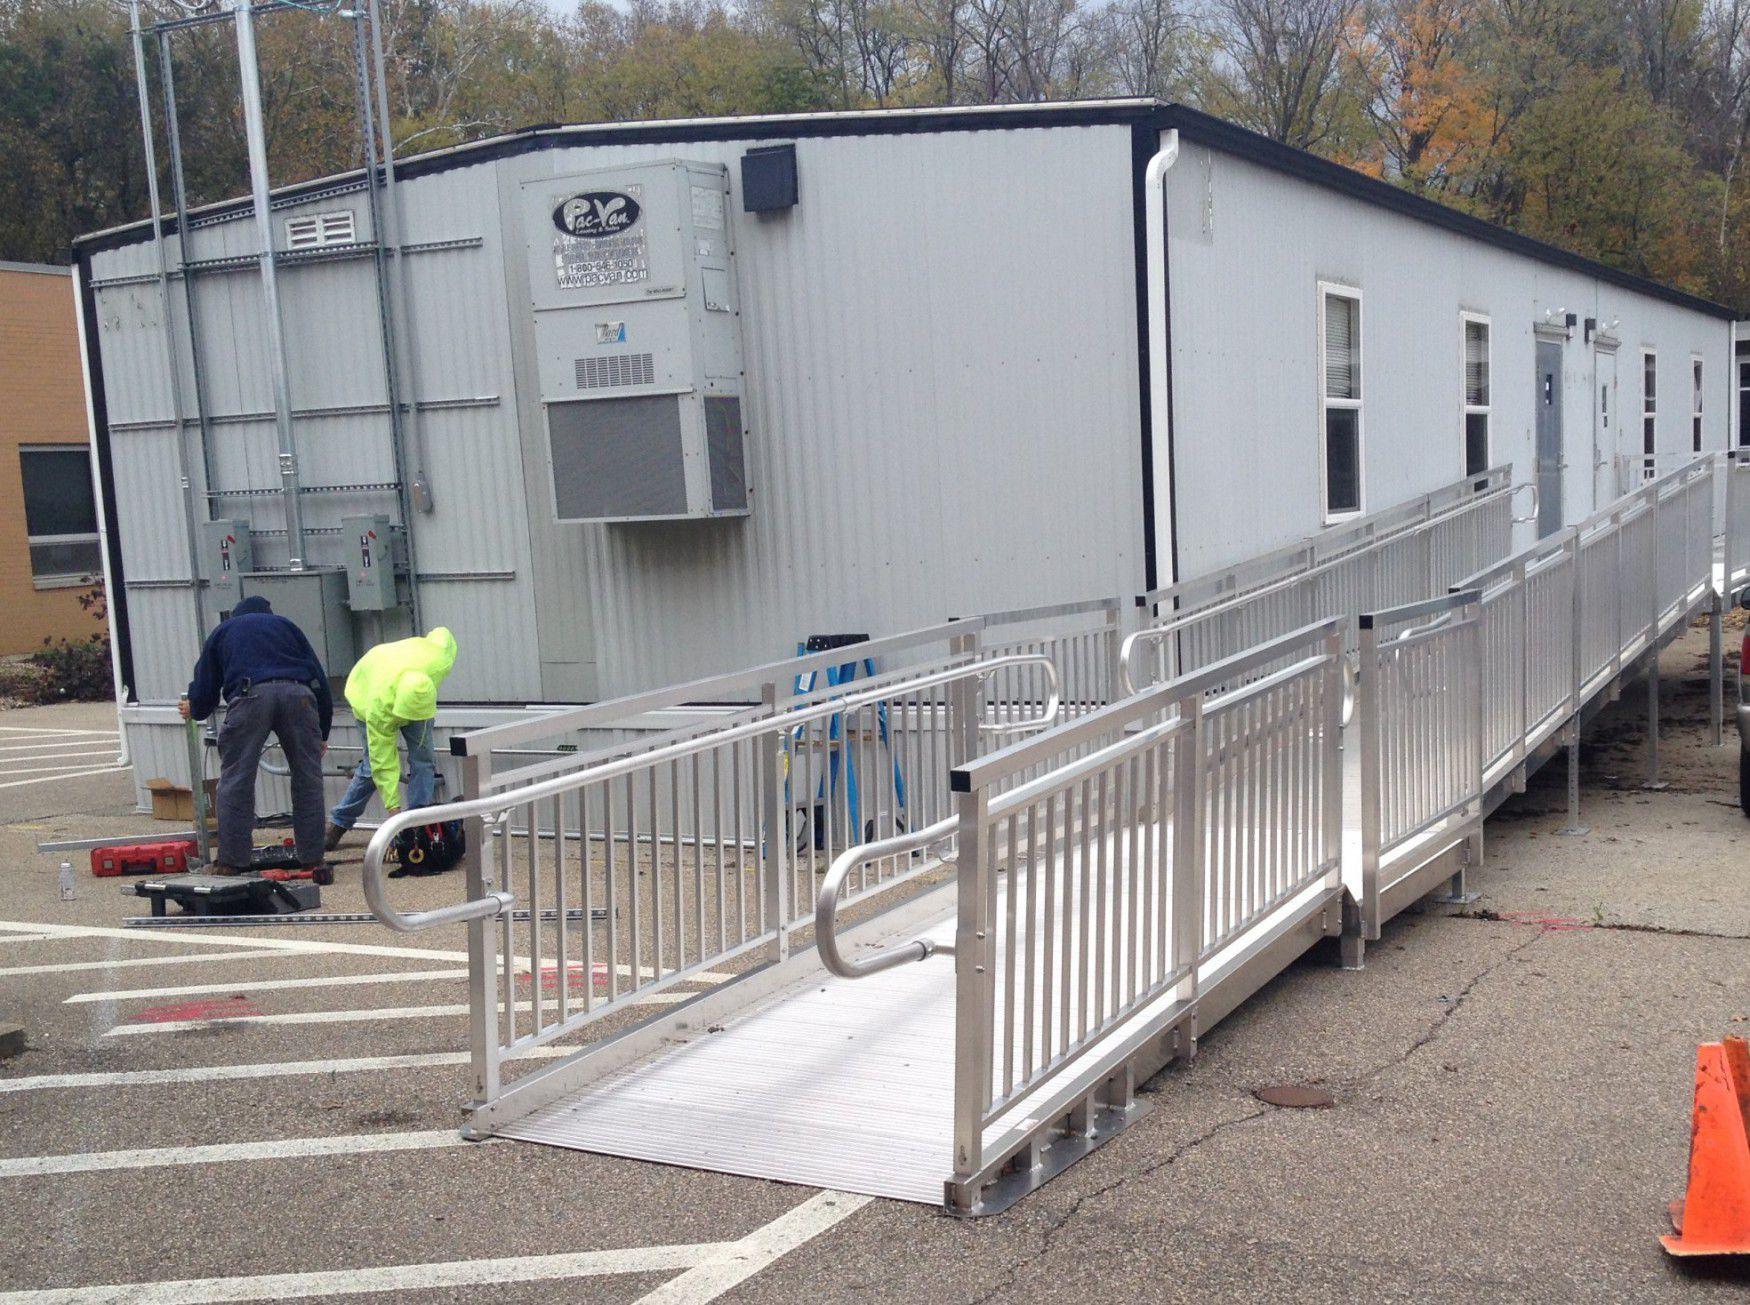 Rampe D Escalier Traduction Anglais rampe d'accès en aluminium / pour personnes à mobilité